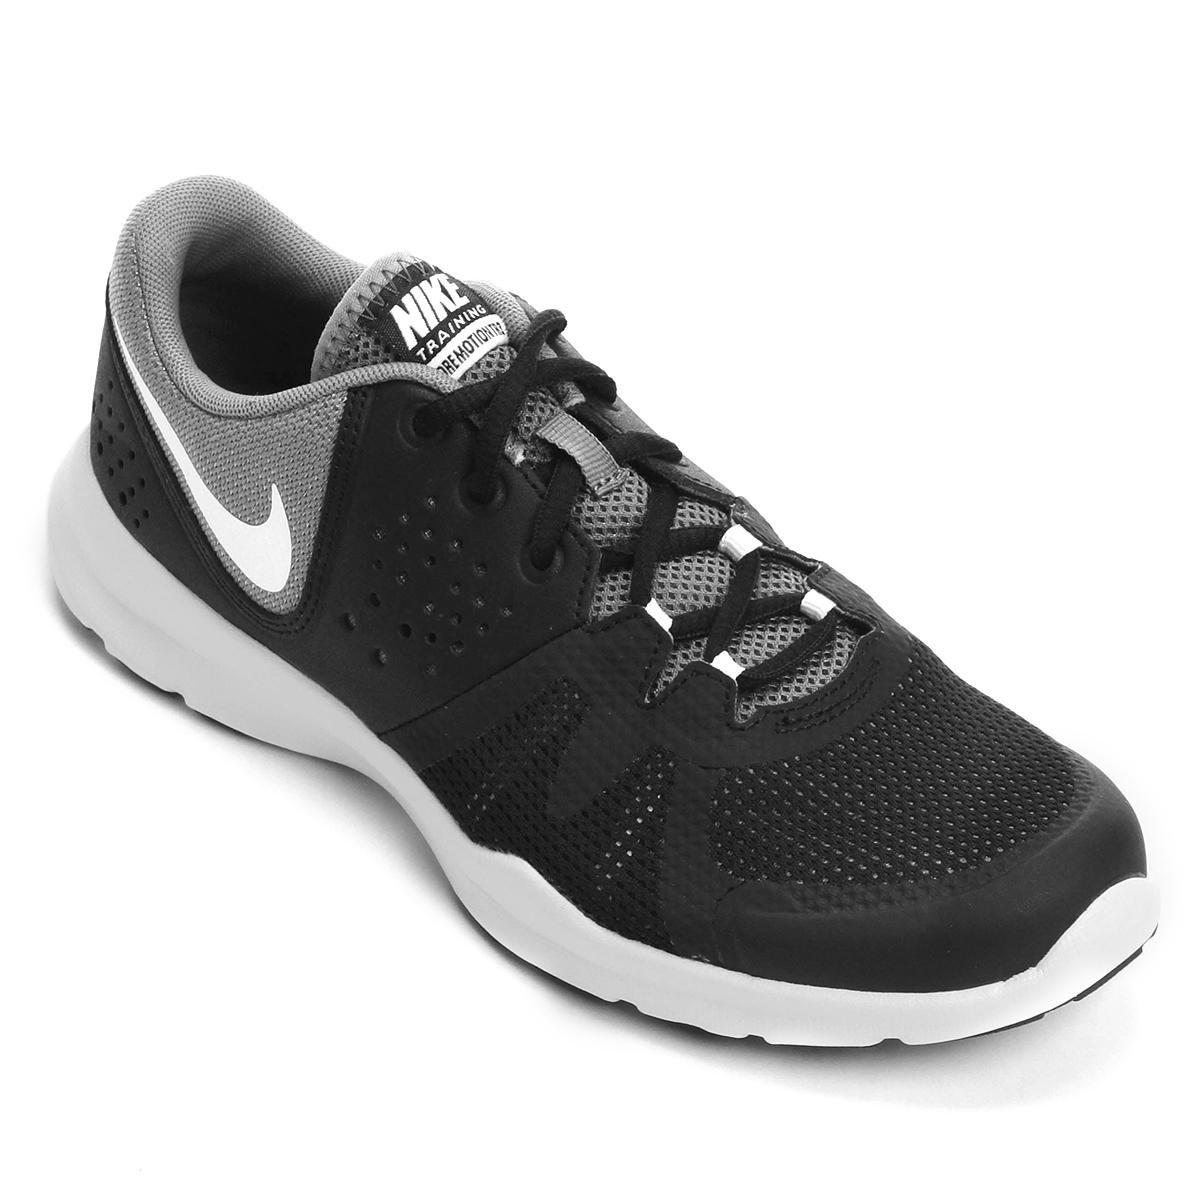 54bbd7e1e8 Tênis Nike Core Motion Tr 3 Mesh Feminino - Compre Agora